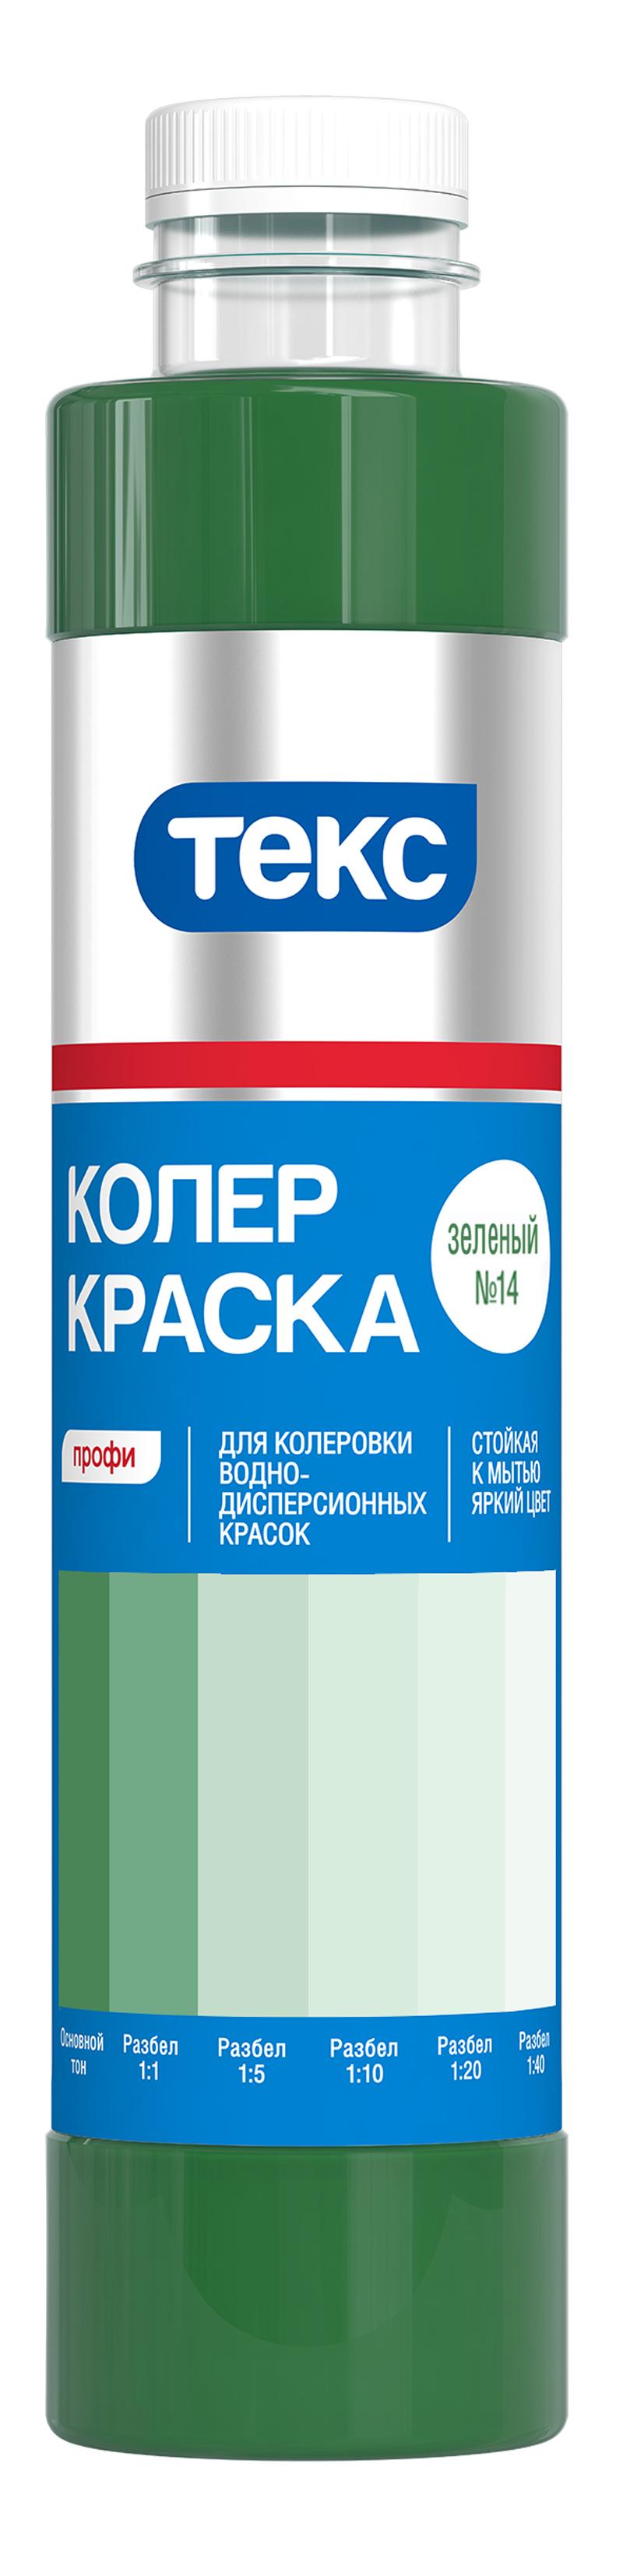 Колер краска зеленая №14 Текс 0,75 л